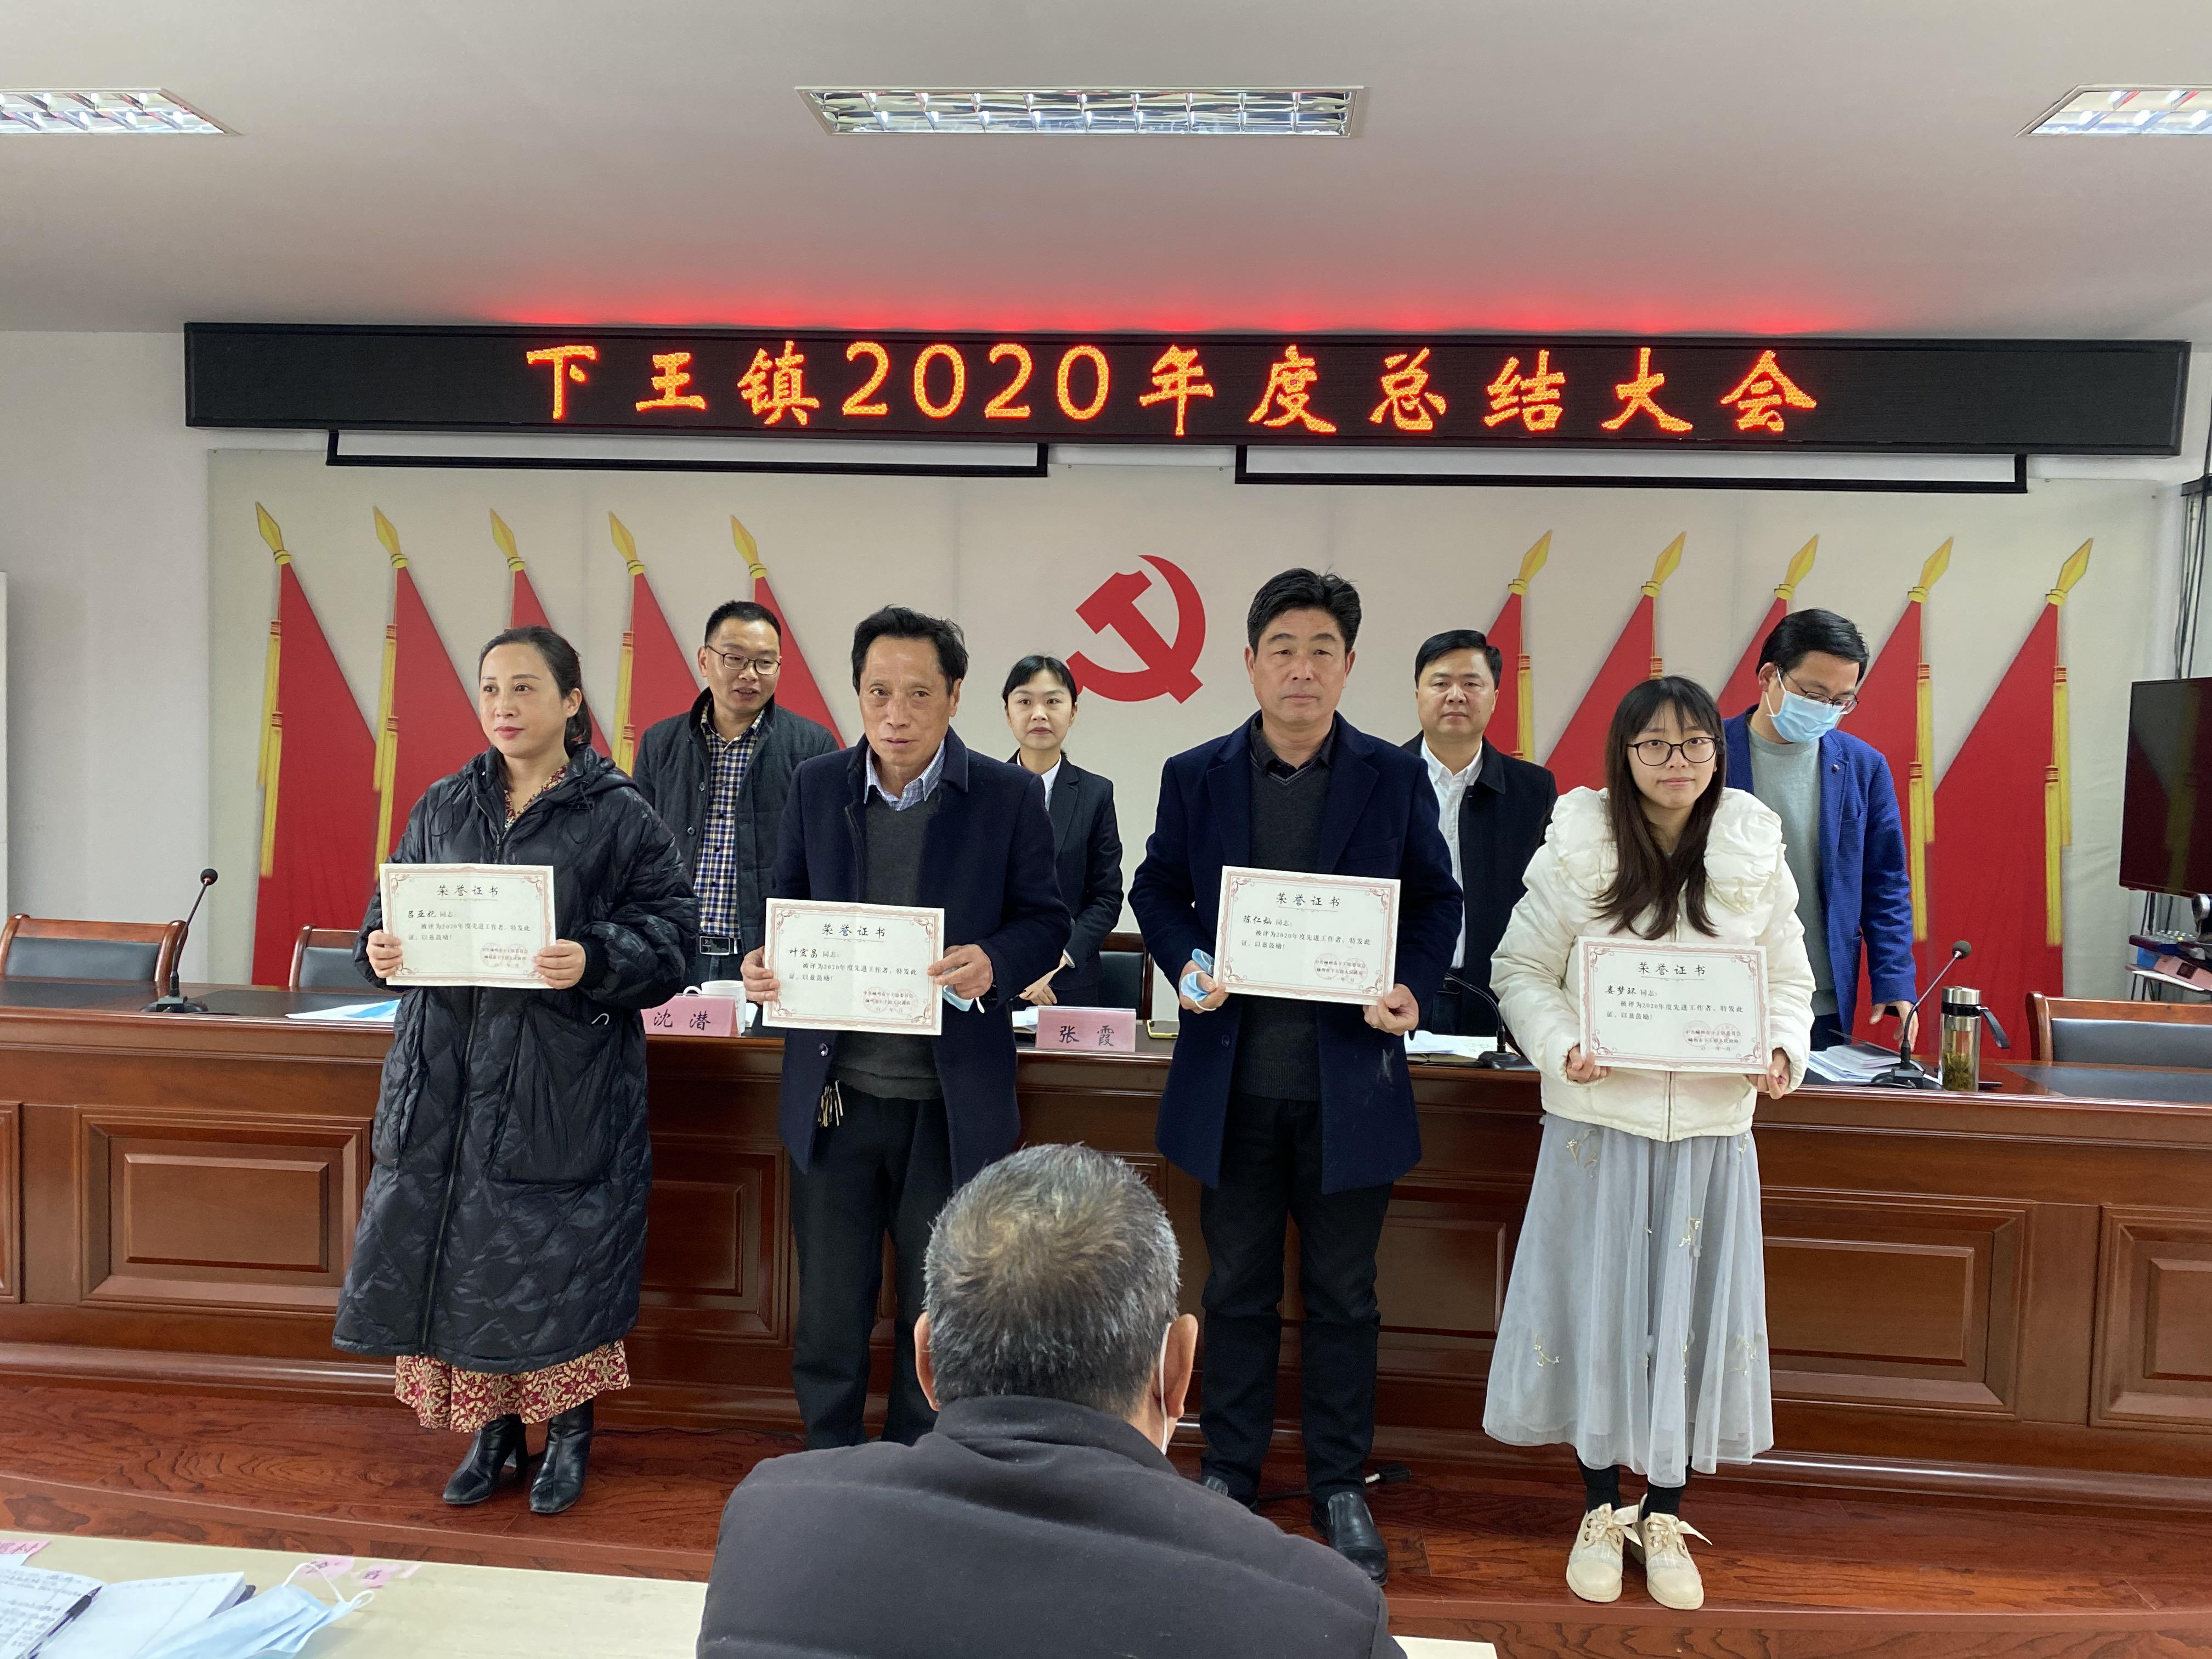 2020年度先进工作者颁奖